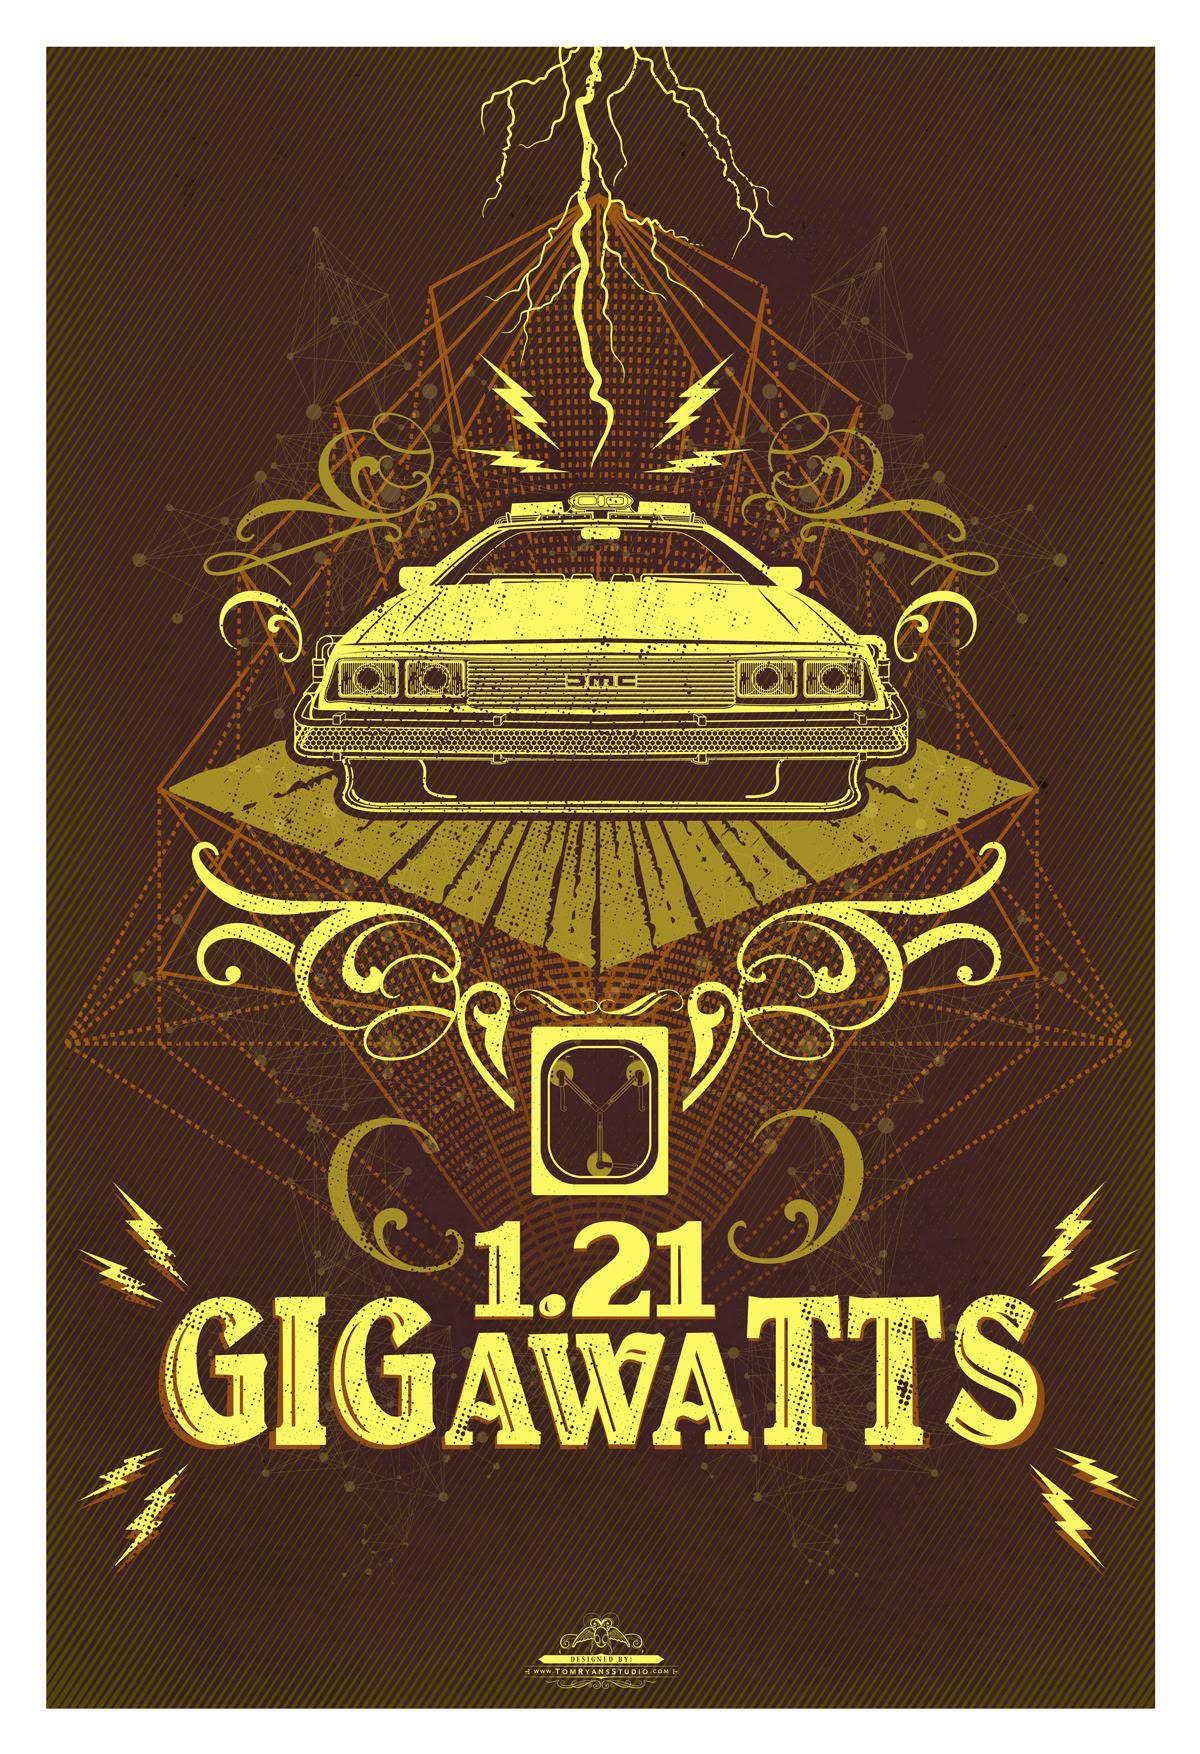 1.21 Gigawatts by Tom Ryan